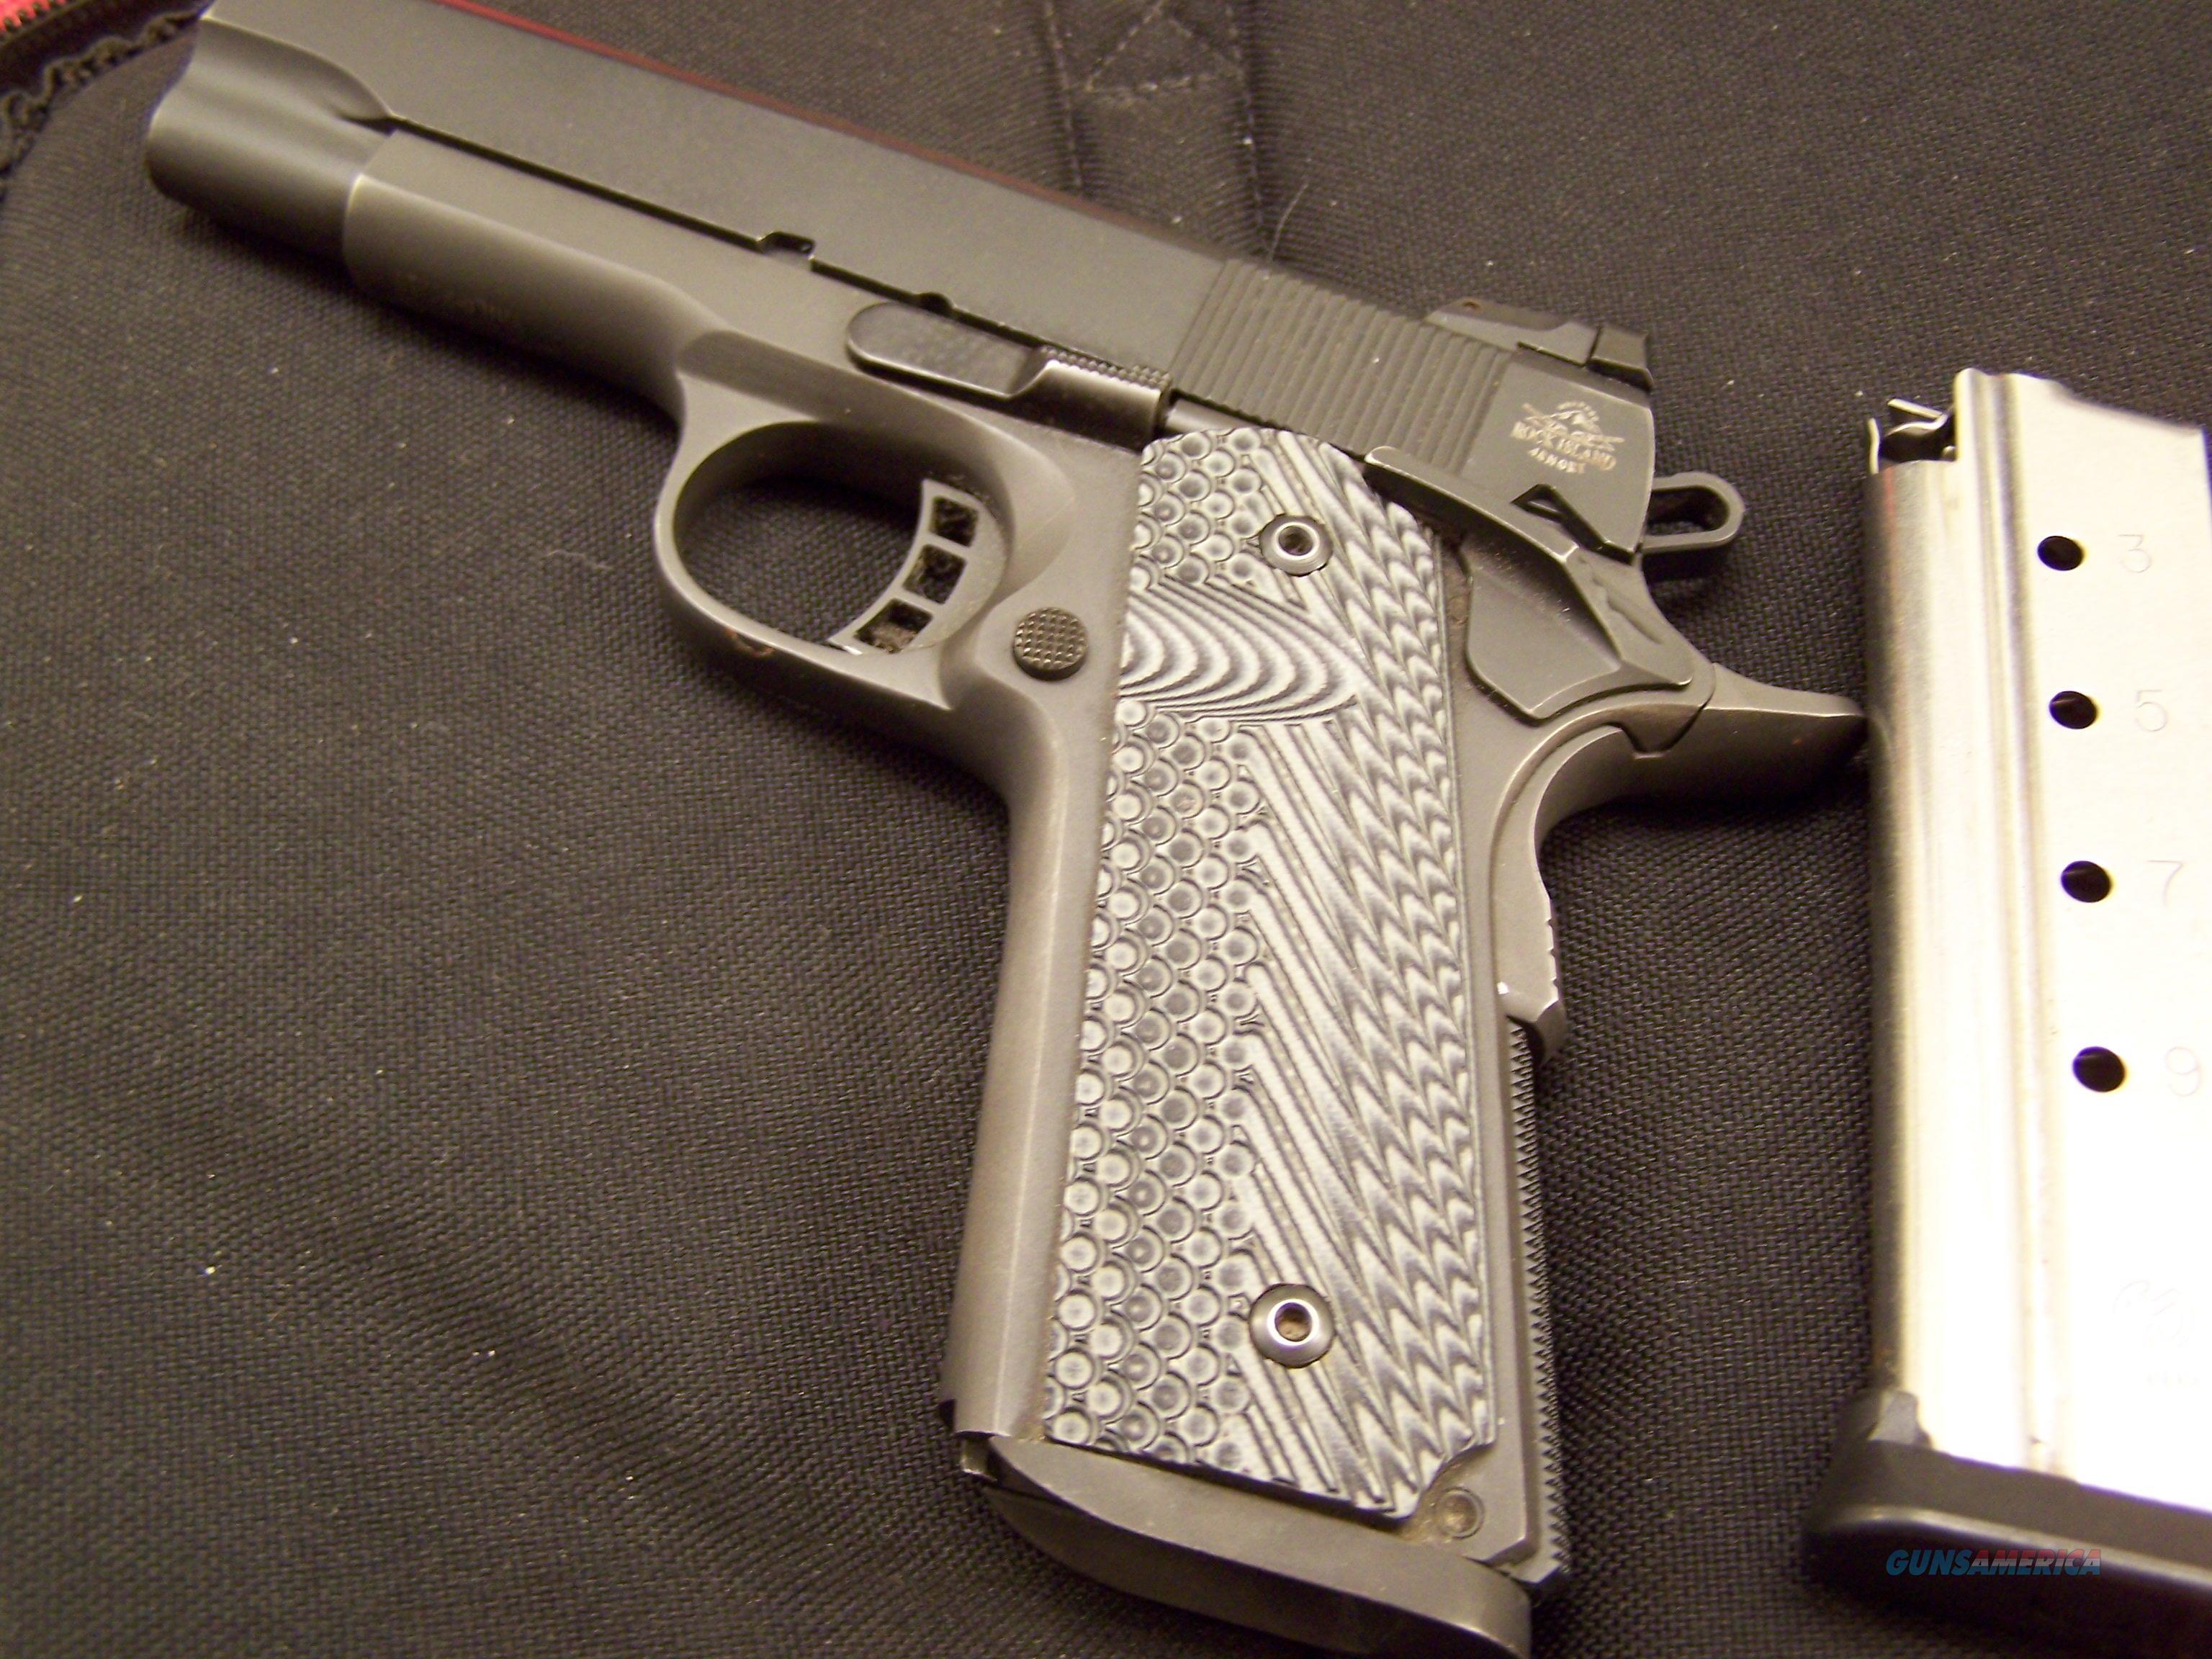 Rock Island 9mm tact 2  Guns > Pistols > 1911 Pistol Copies (non-Colt)